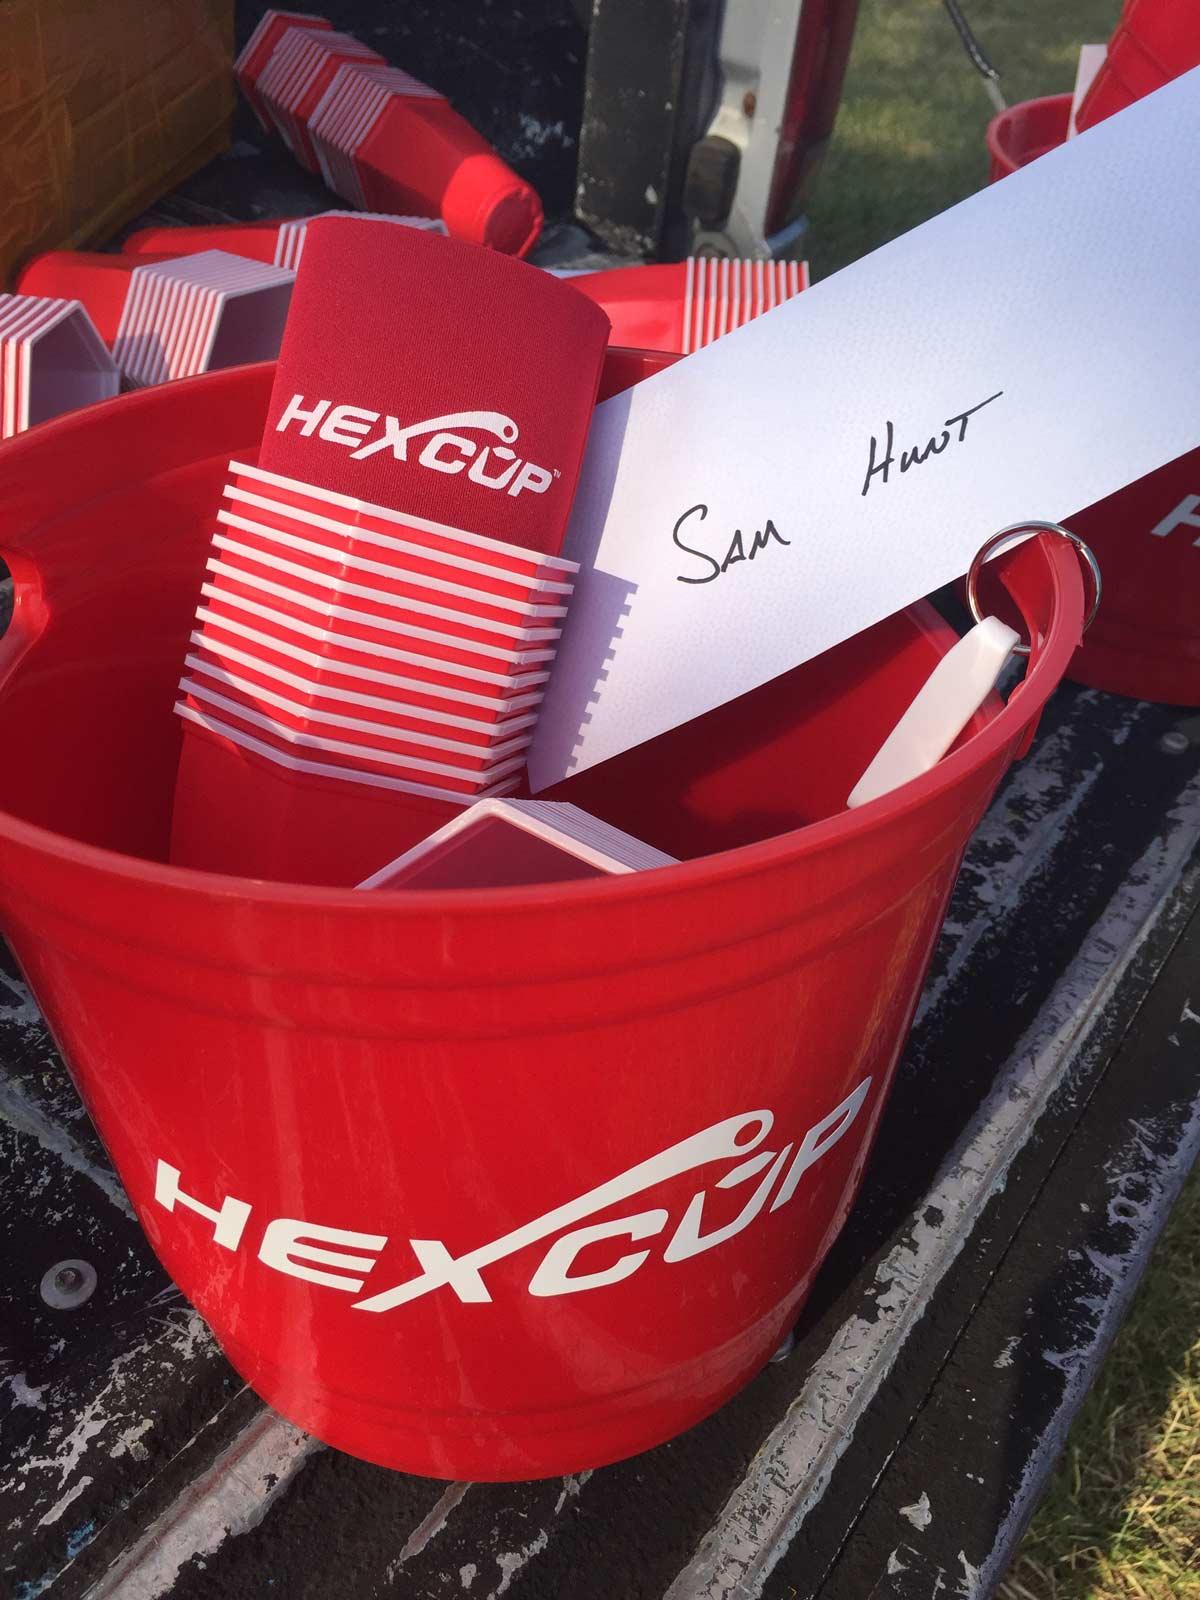 Hexcup beer pong set for Sam Owen